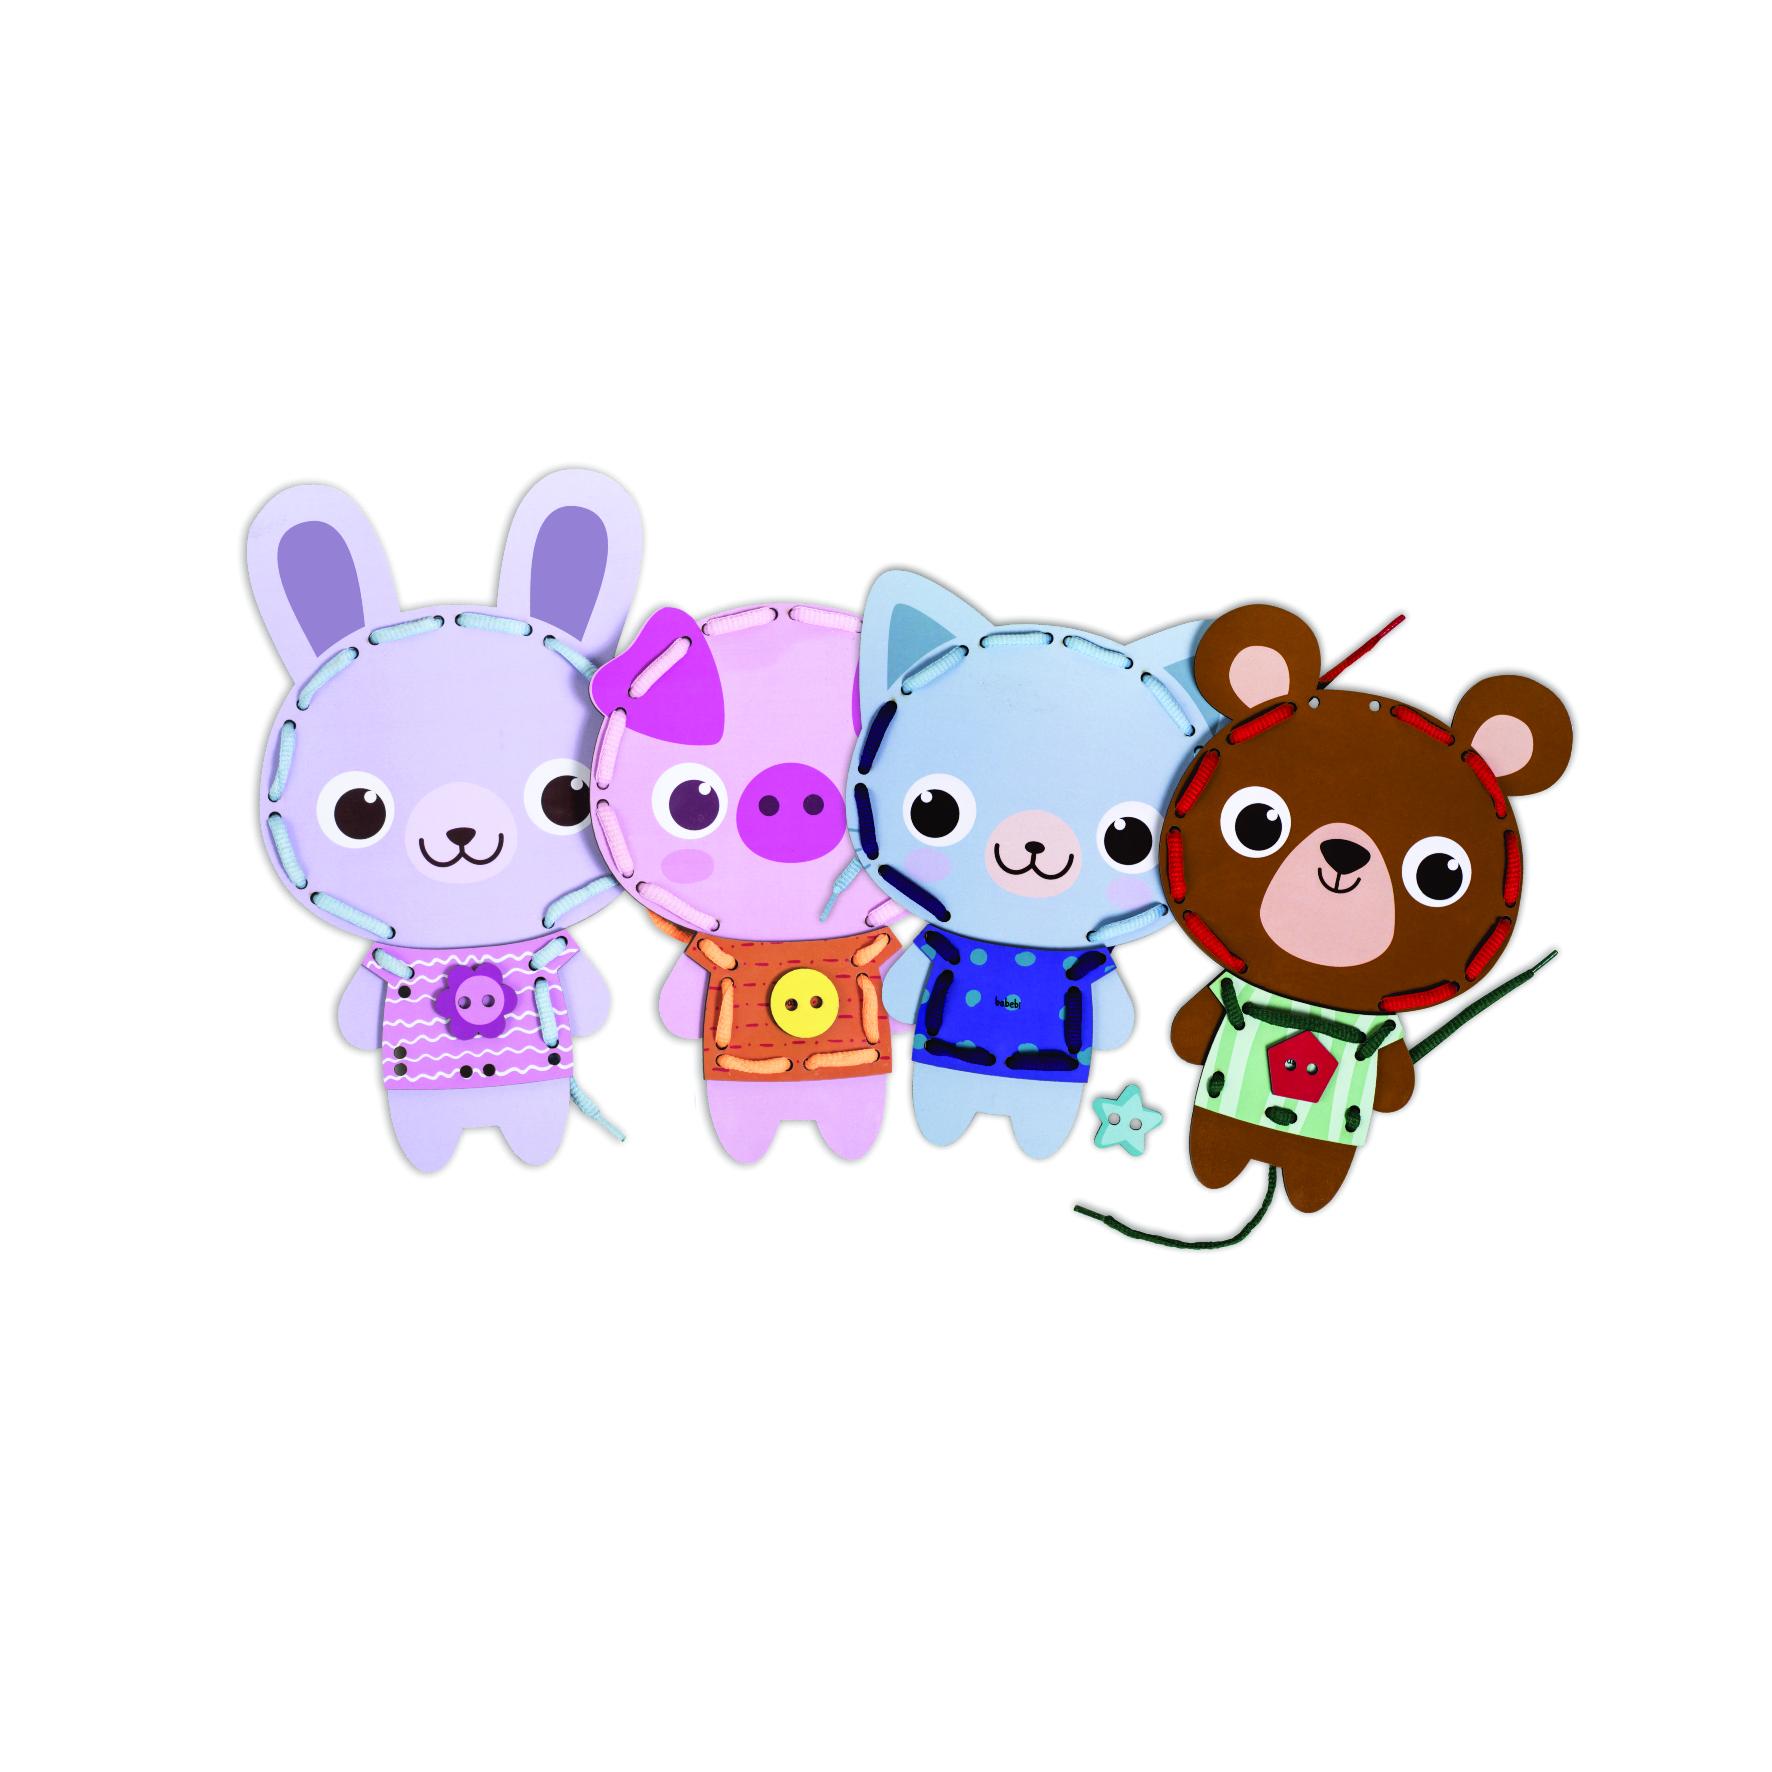 brinquedo-alinhavos-dos-bichinhos-babebi